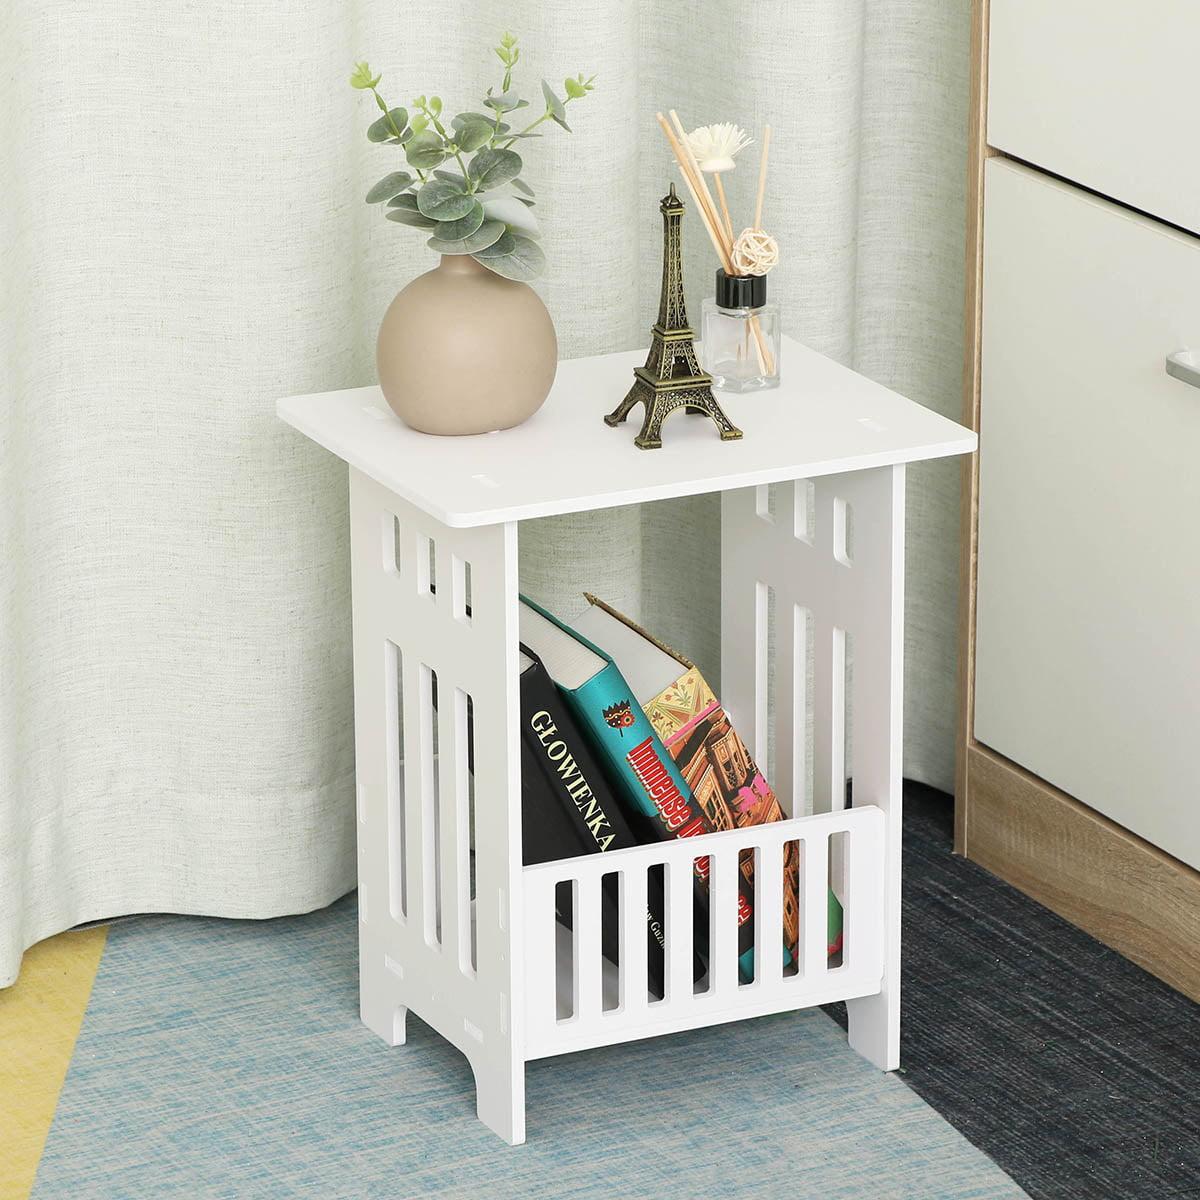 modern design white nightstand with storage basket side